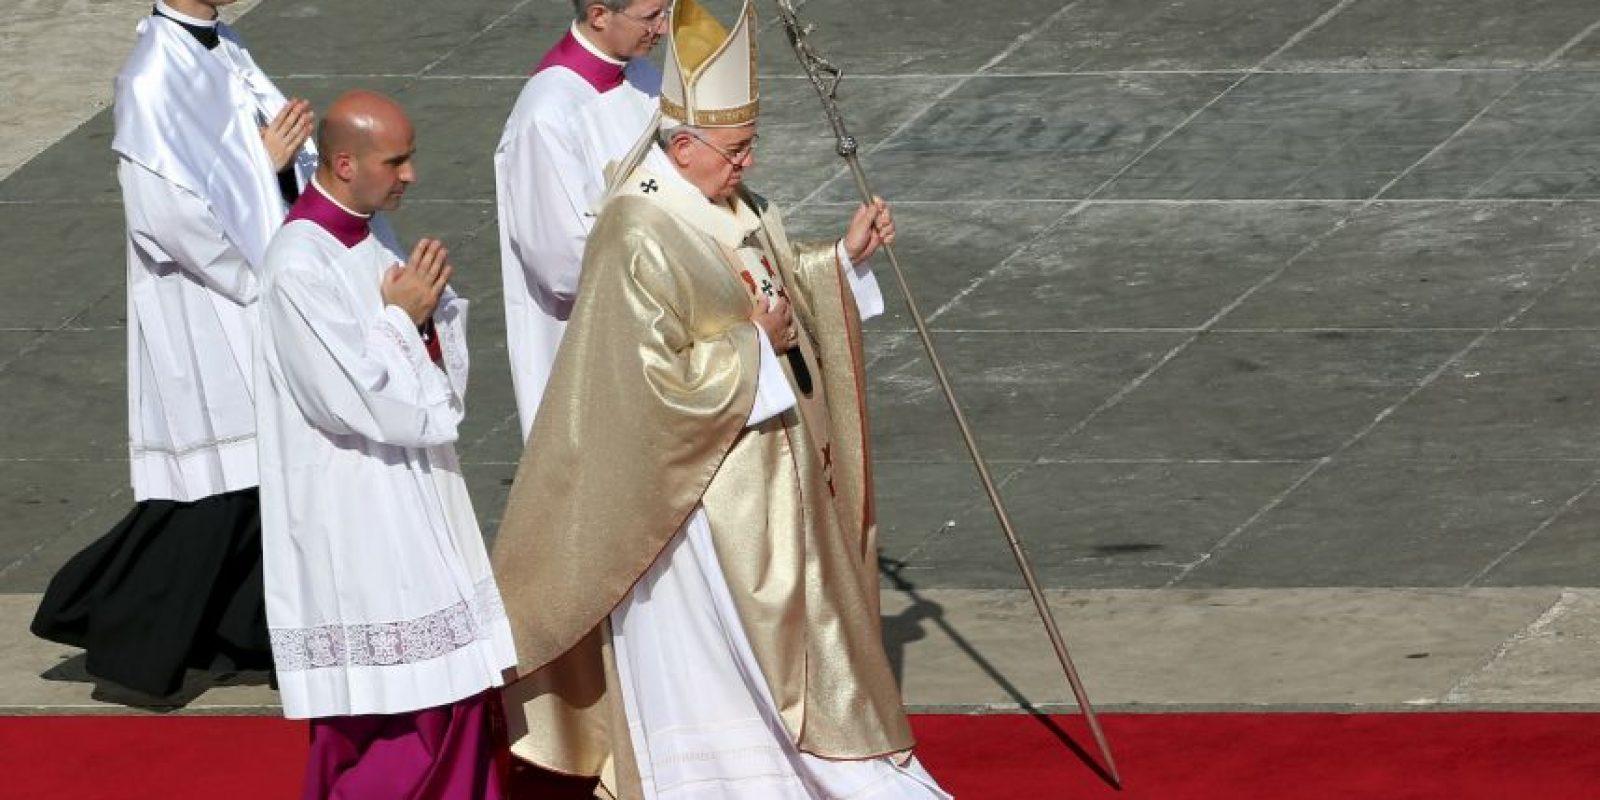 Su misión es limpiar la mala imagen de la Iglesia. Foto:Getty Images